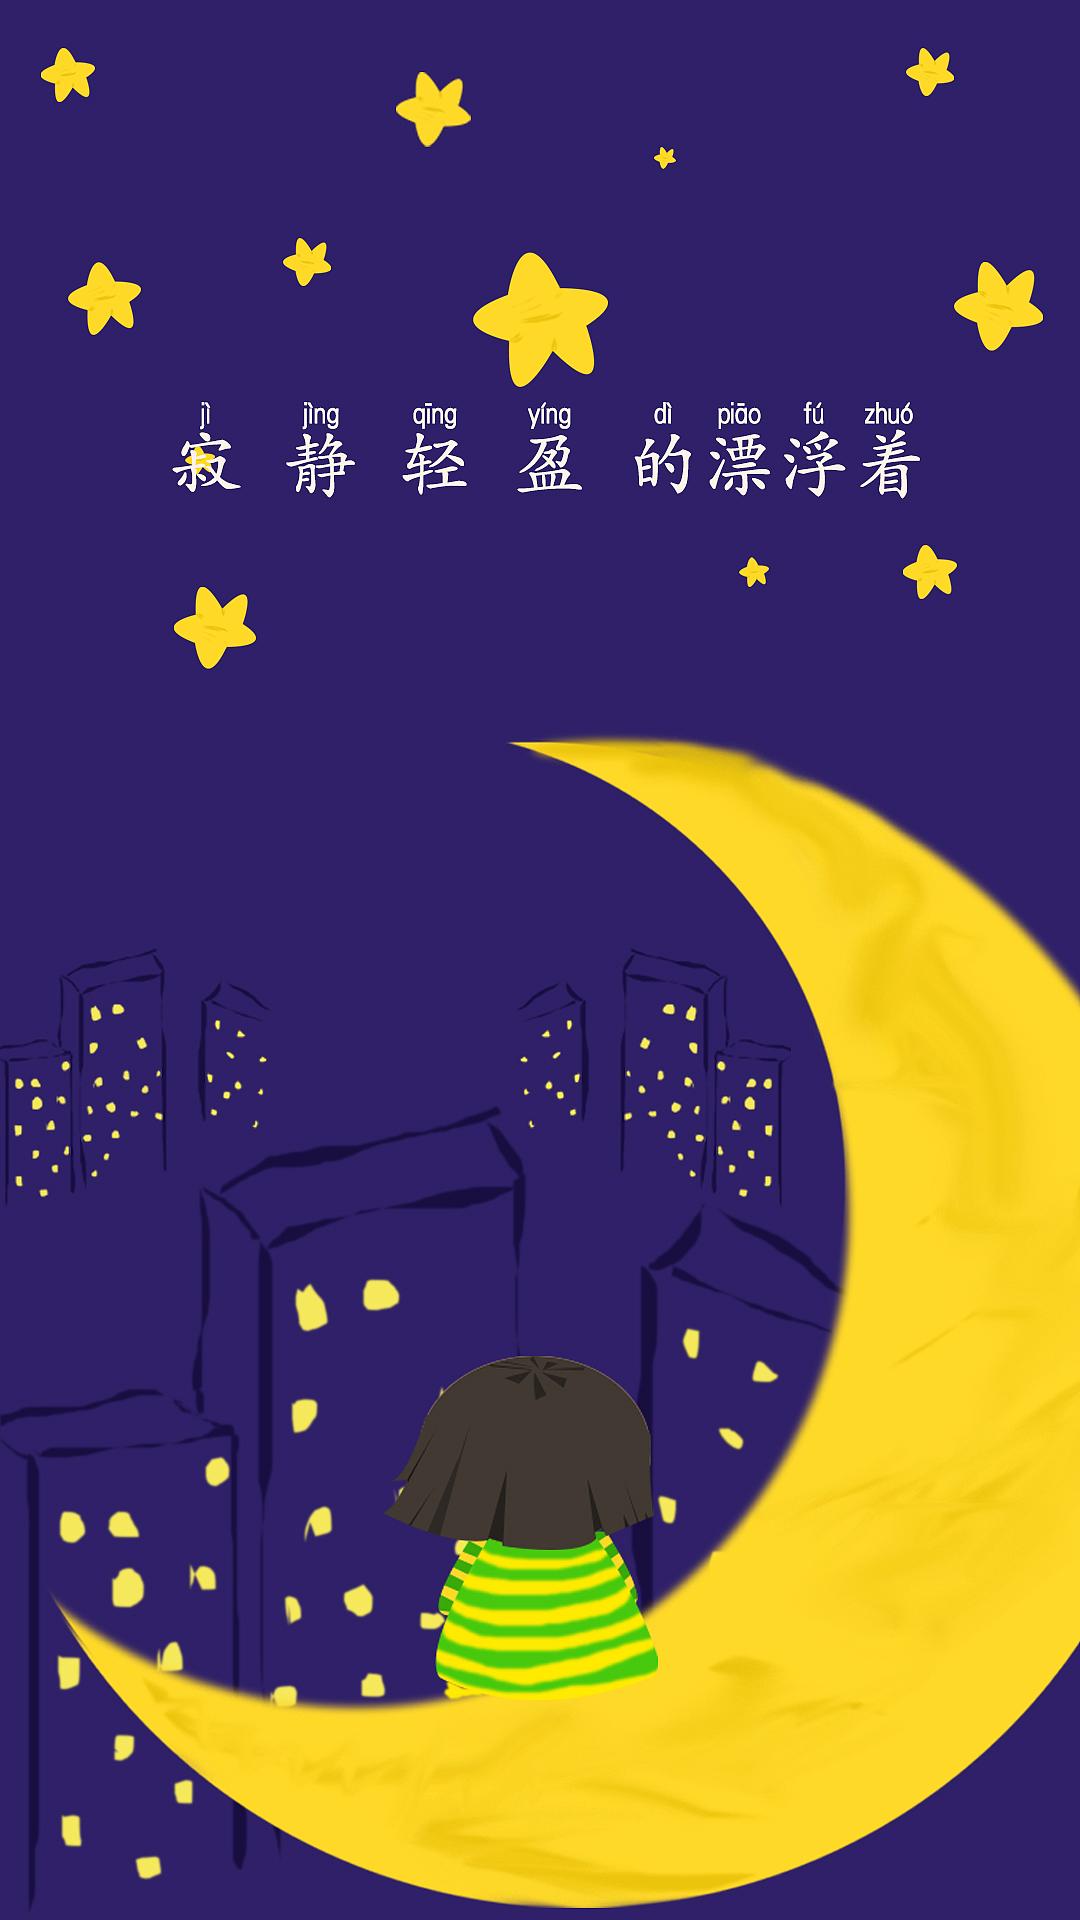 星夜神话钢琴简谱数字